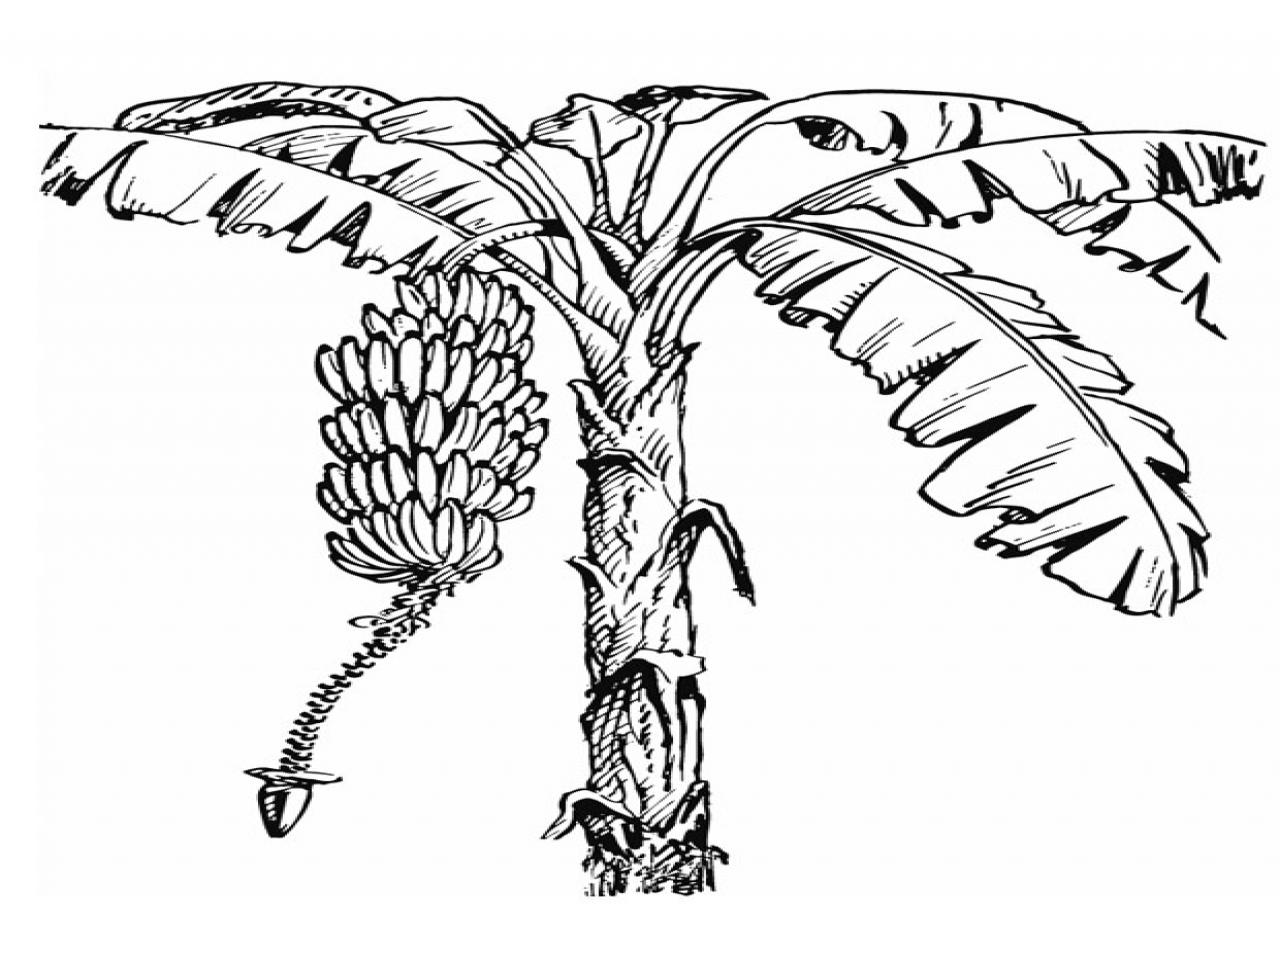 1280x960 Drawing Of Banana Tree Coloring Page Printable Kids Banan To Print